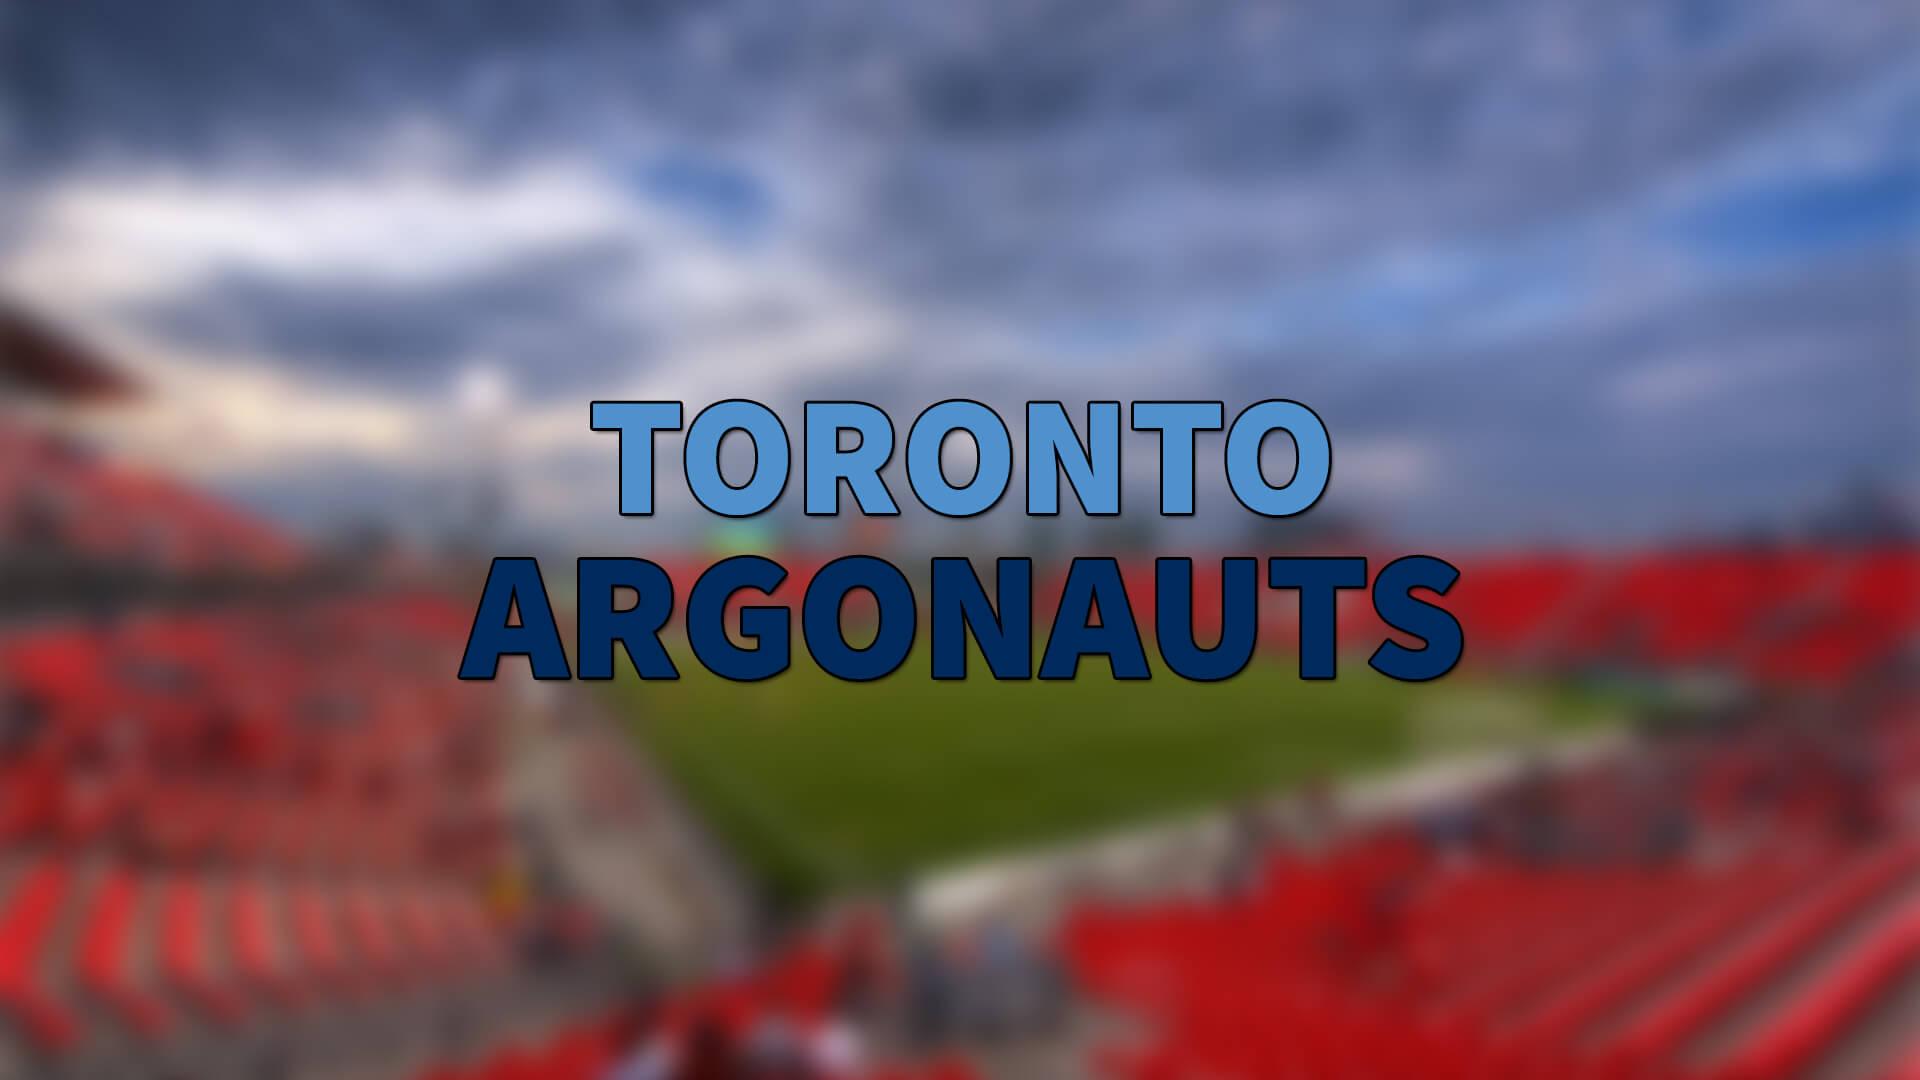 Toronto Argonauts WR Wright ve DE Willis'i Kadrosuna Kattı | Korumalı Futbol Türkiye